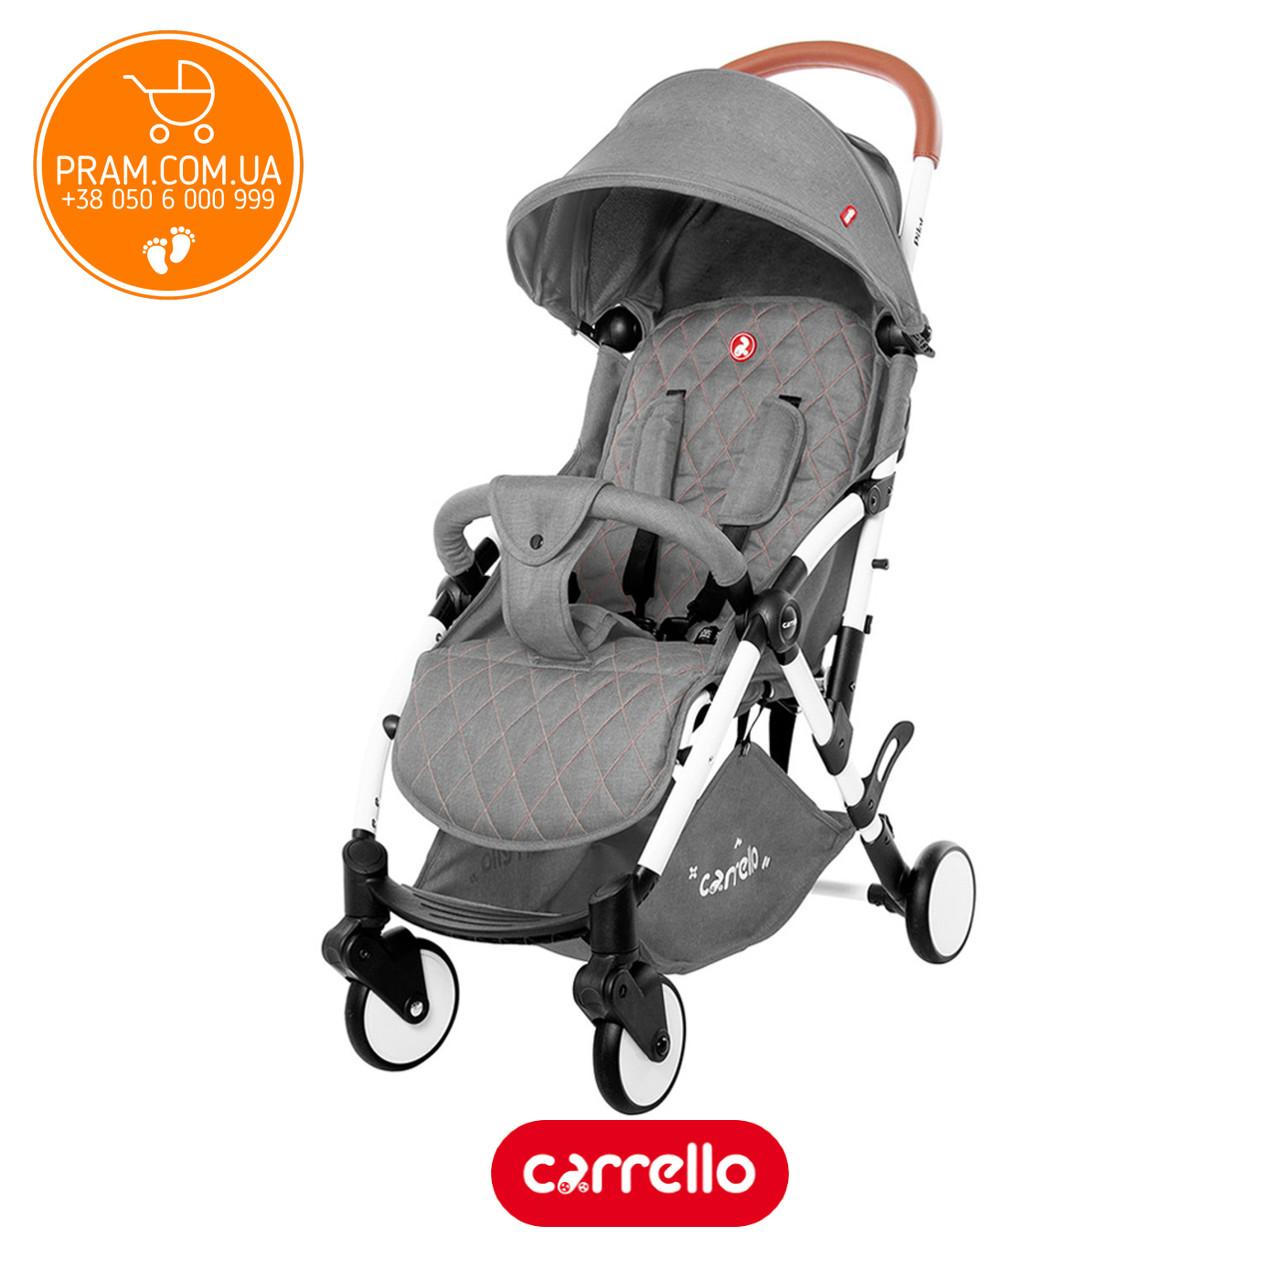 Carrello Pilot CRL-1418/1 2019 прогулянкова коляска Shadow Grey Сірий